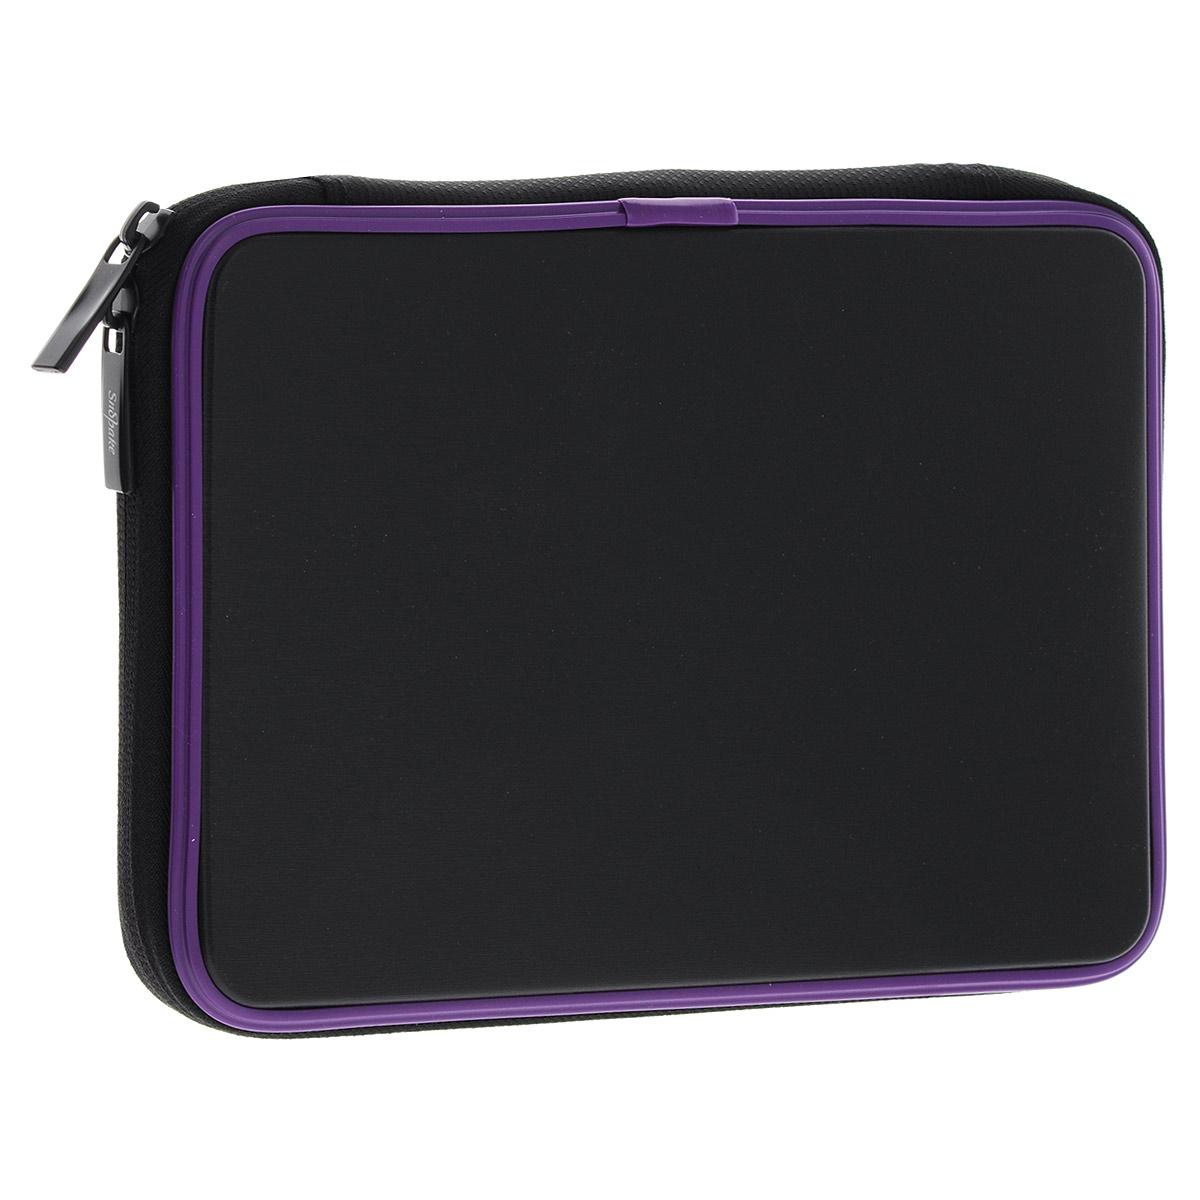 Чехол-обложка Snopake Gadget Guard для планшета iPad mini, цвет: черный, фиолетовыйK15711Чехол-обложка Snopake Gadget Guard предназначен специально для планшета iPad mini. Чехол выполнен из водонепроницаемого пропилена и имеет мягкое внутреннее покрытие. Чехол идеально подходит к любым моделям благодаря эластичным боковым панелям. Закрывается на застежку-молнию с двумя бегунками. Предусмотрена угловая фиксация. Чехол защитит планшет от механических повреждений, предотвратит попадание пыли и грязи. Практичен в использовании и имеет стильный дизайн.